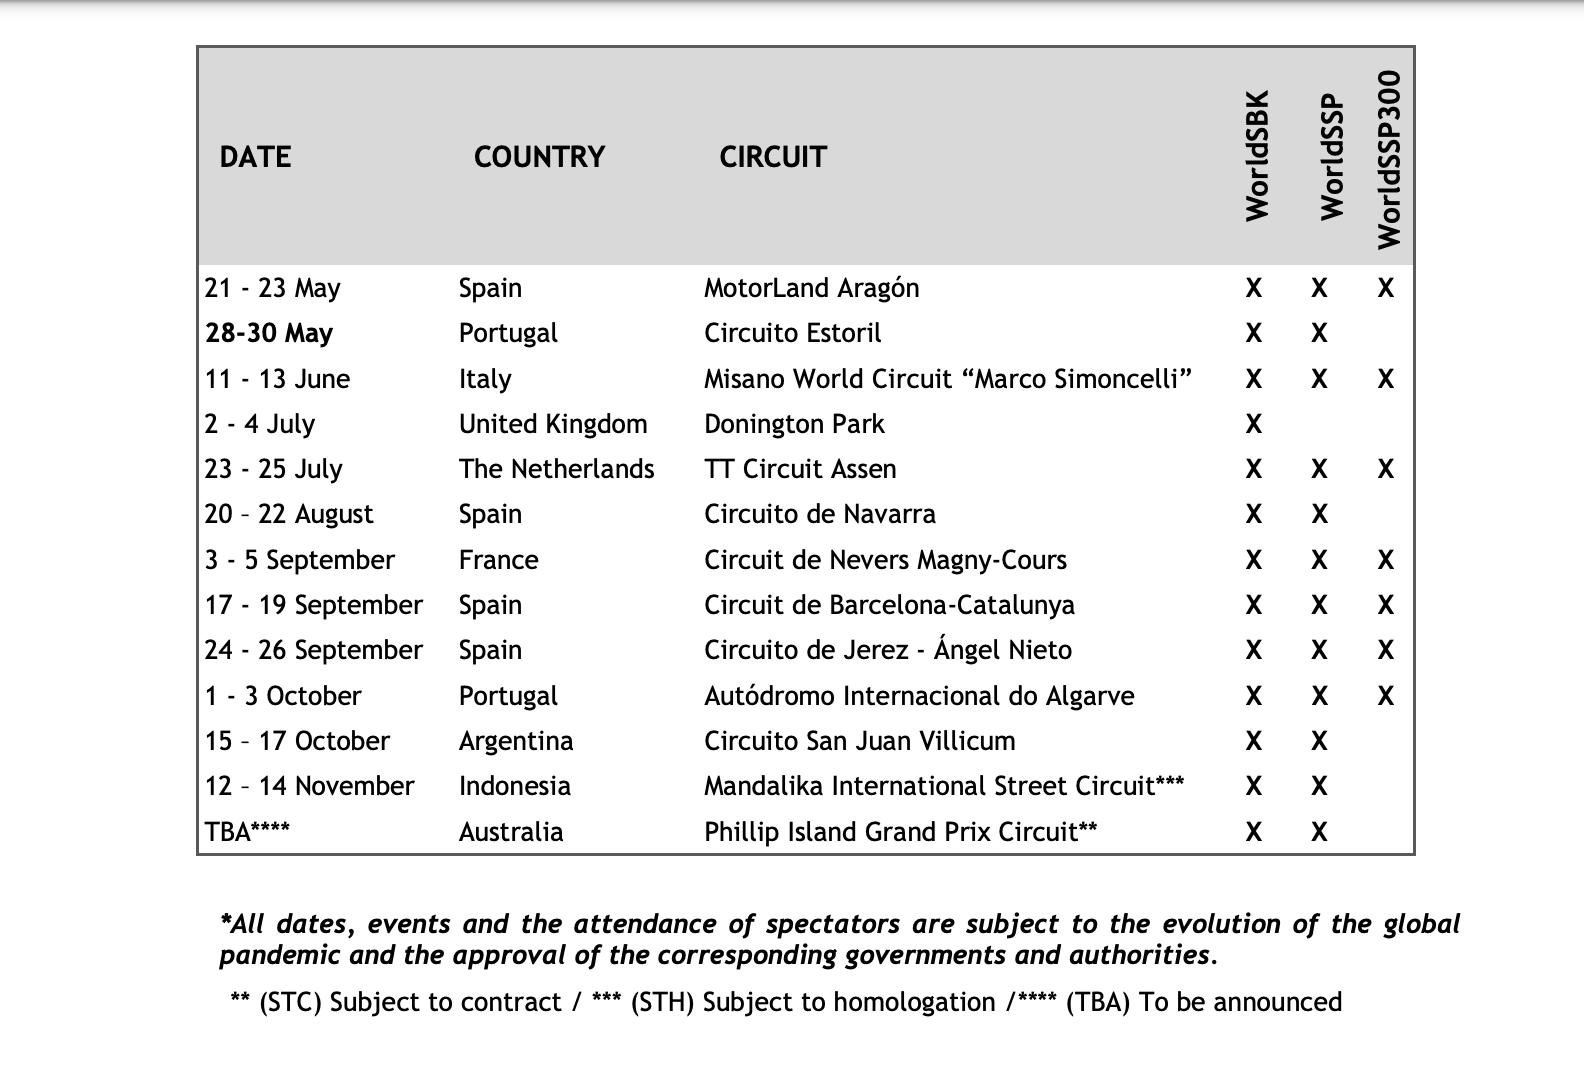 Update 2021 WorldSBK kalender: Estoril naar eind mei